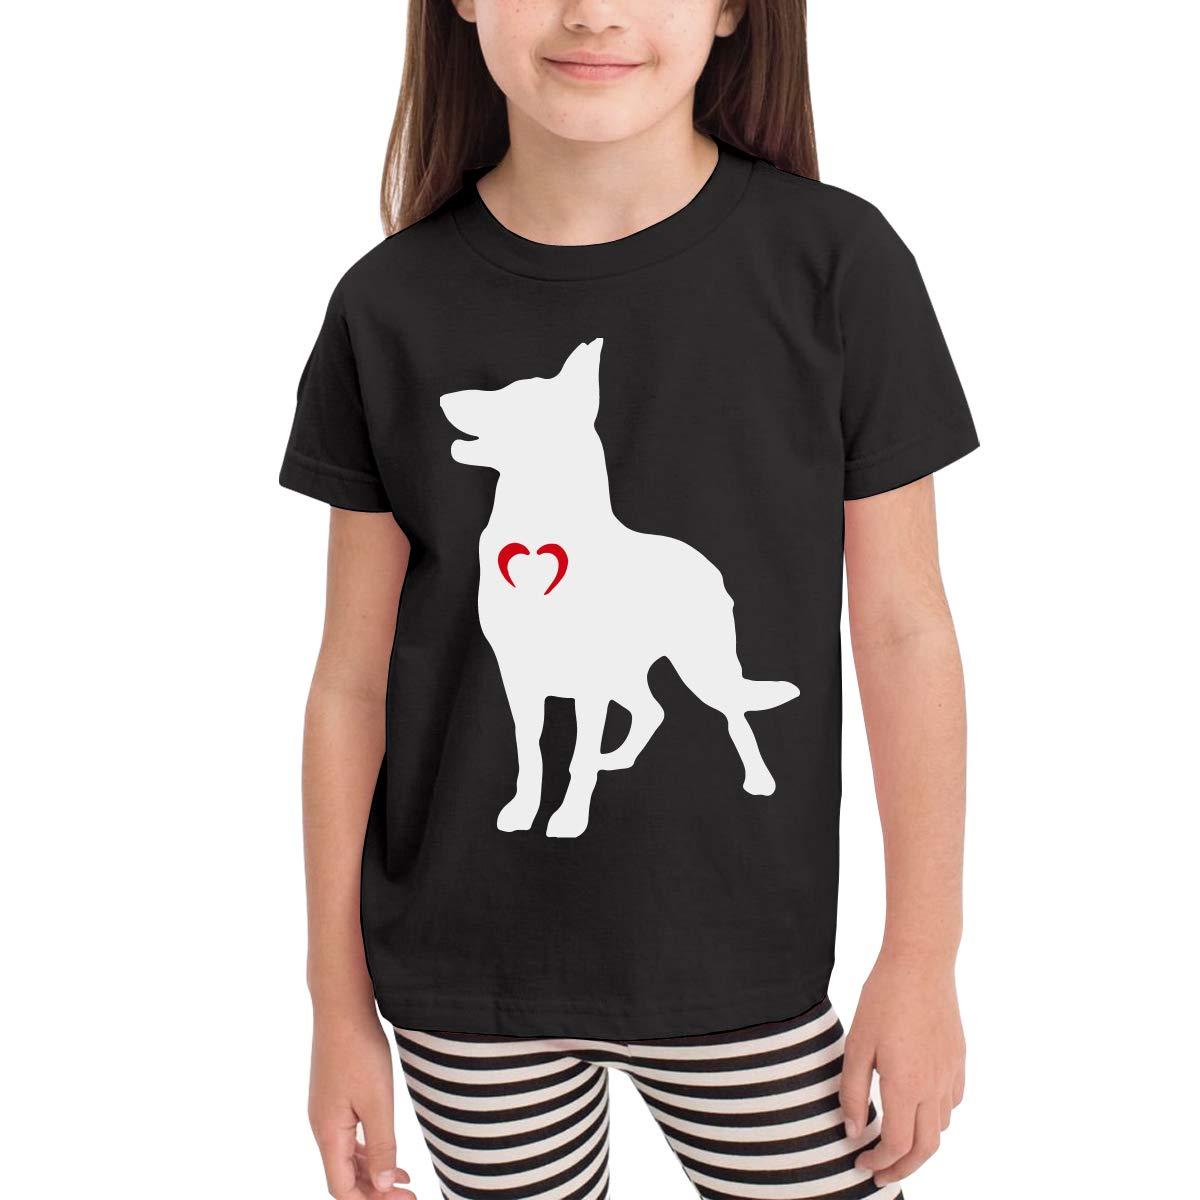 Little Boys German Shepherd with Heart Cute Short Sleeve Tee Tops Size 2-6